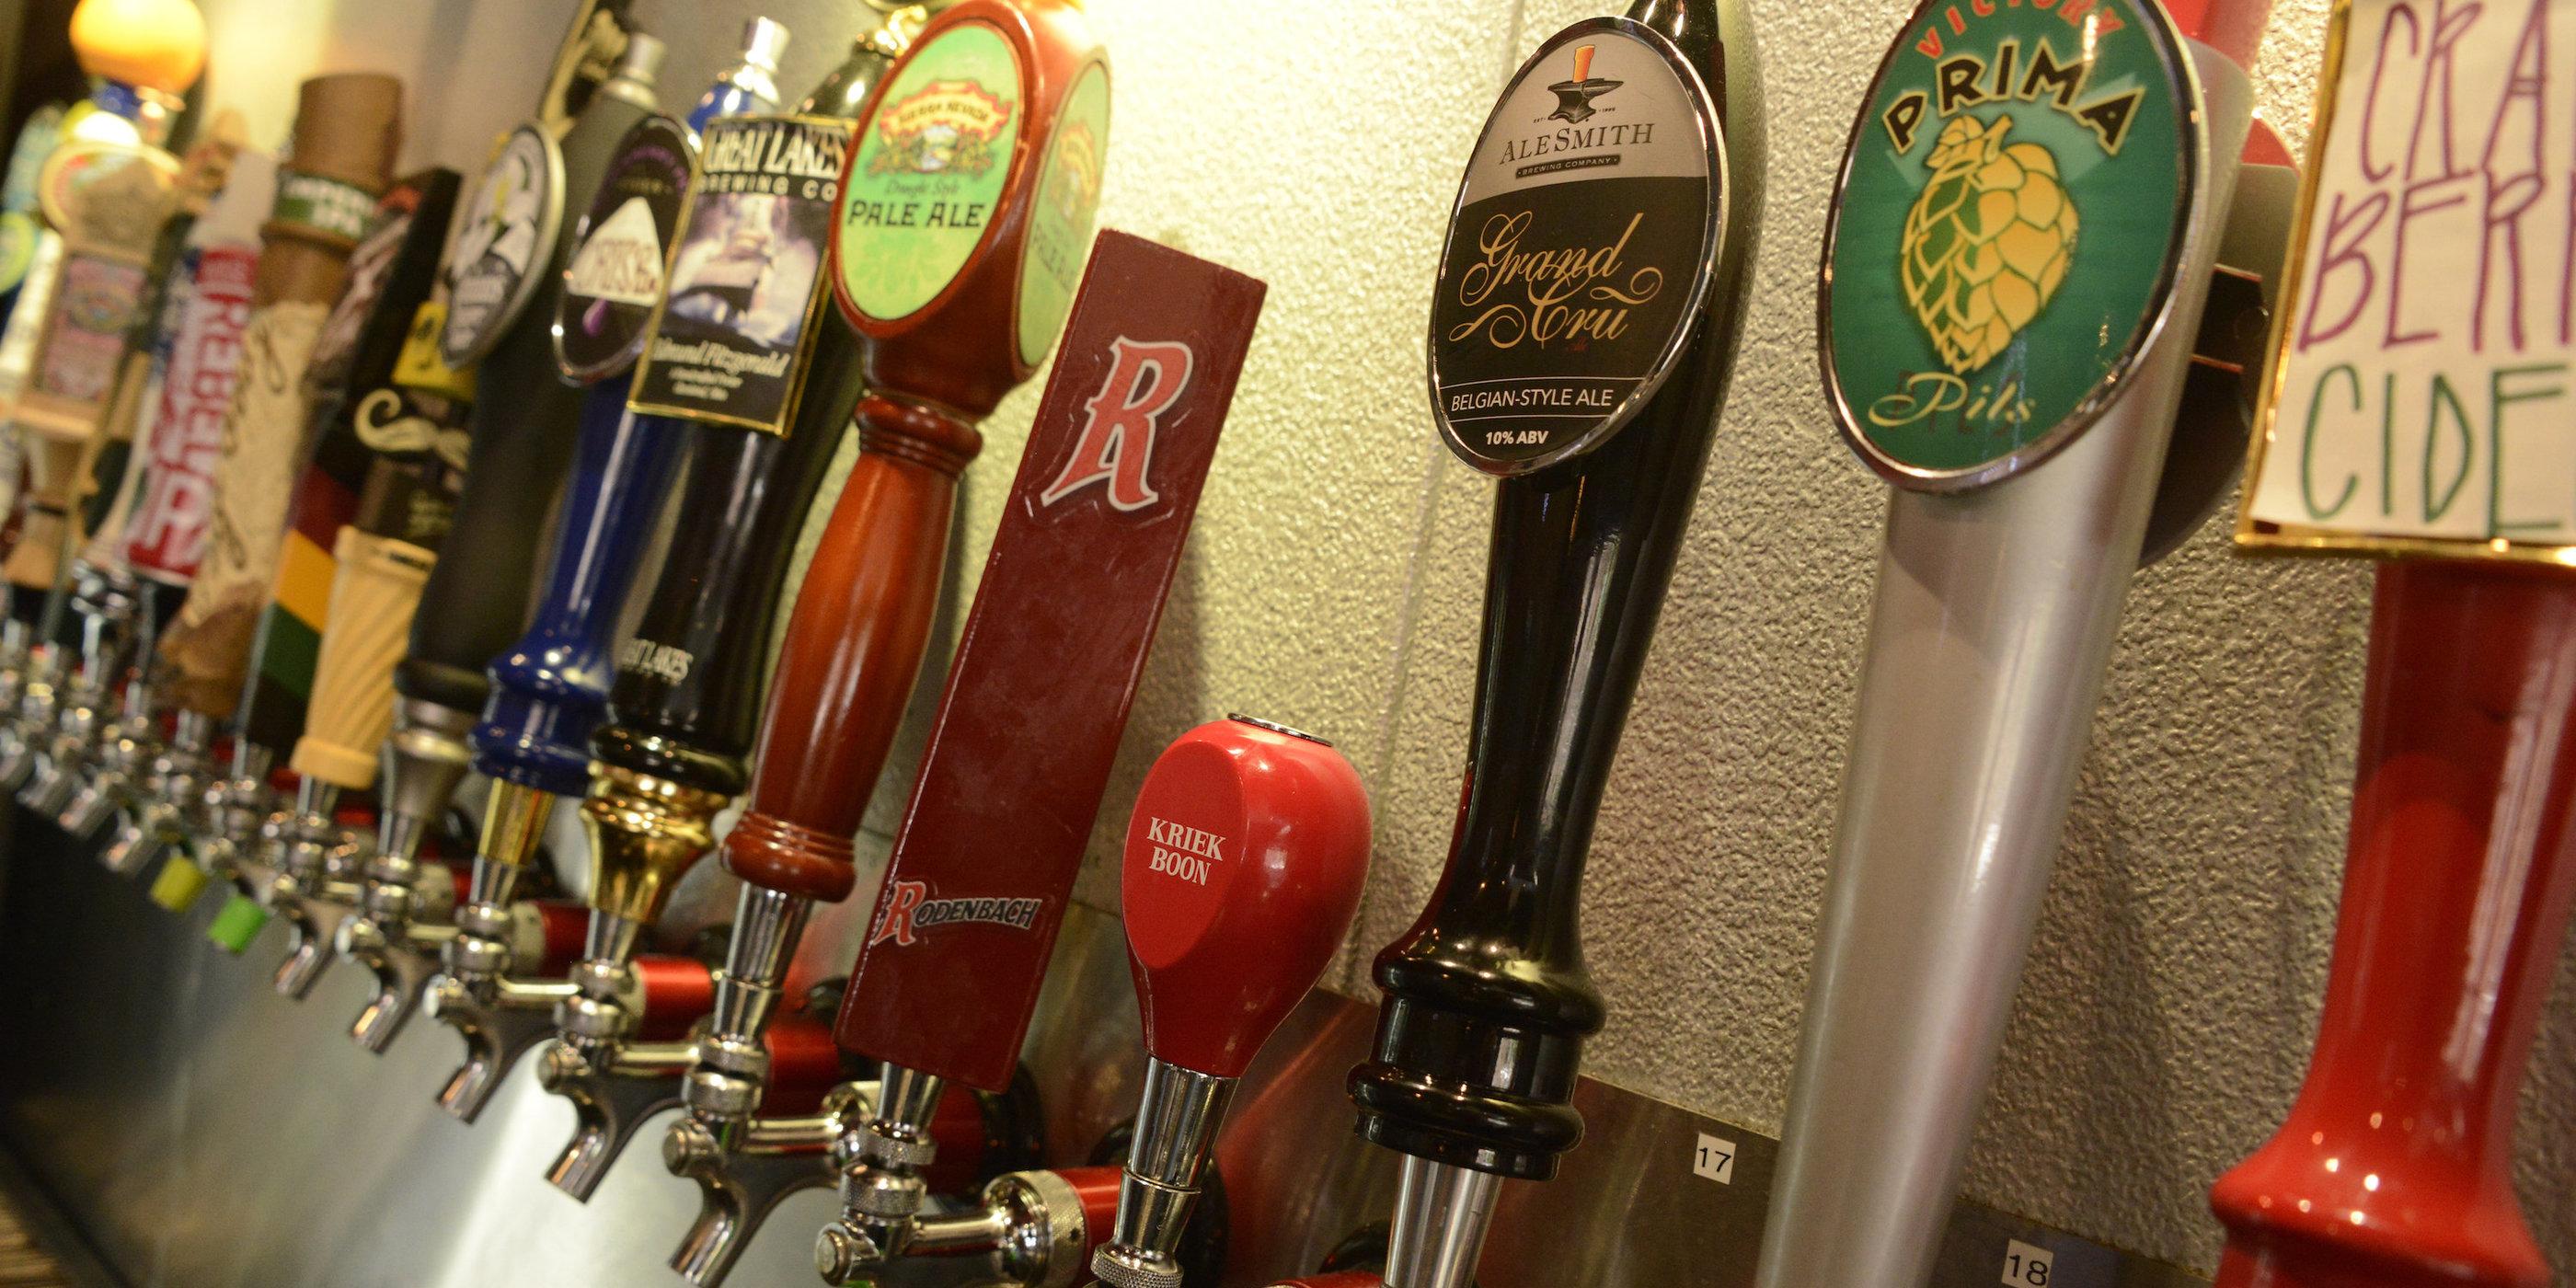 The 33 best beer bars in america 2014